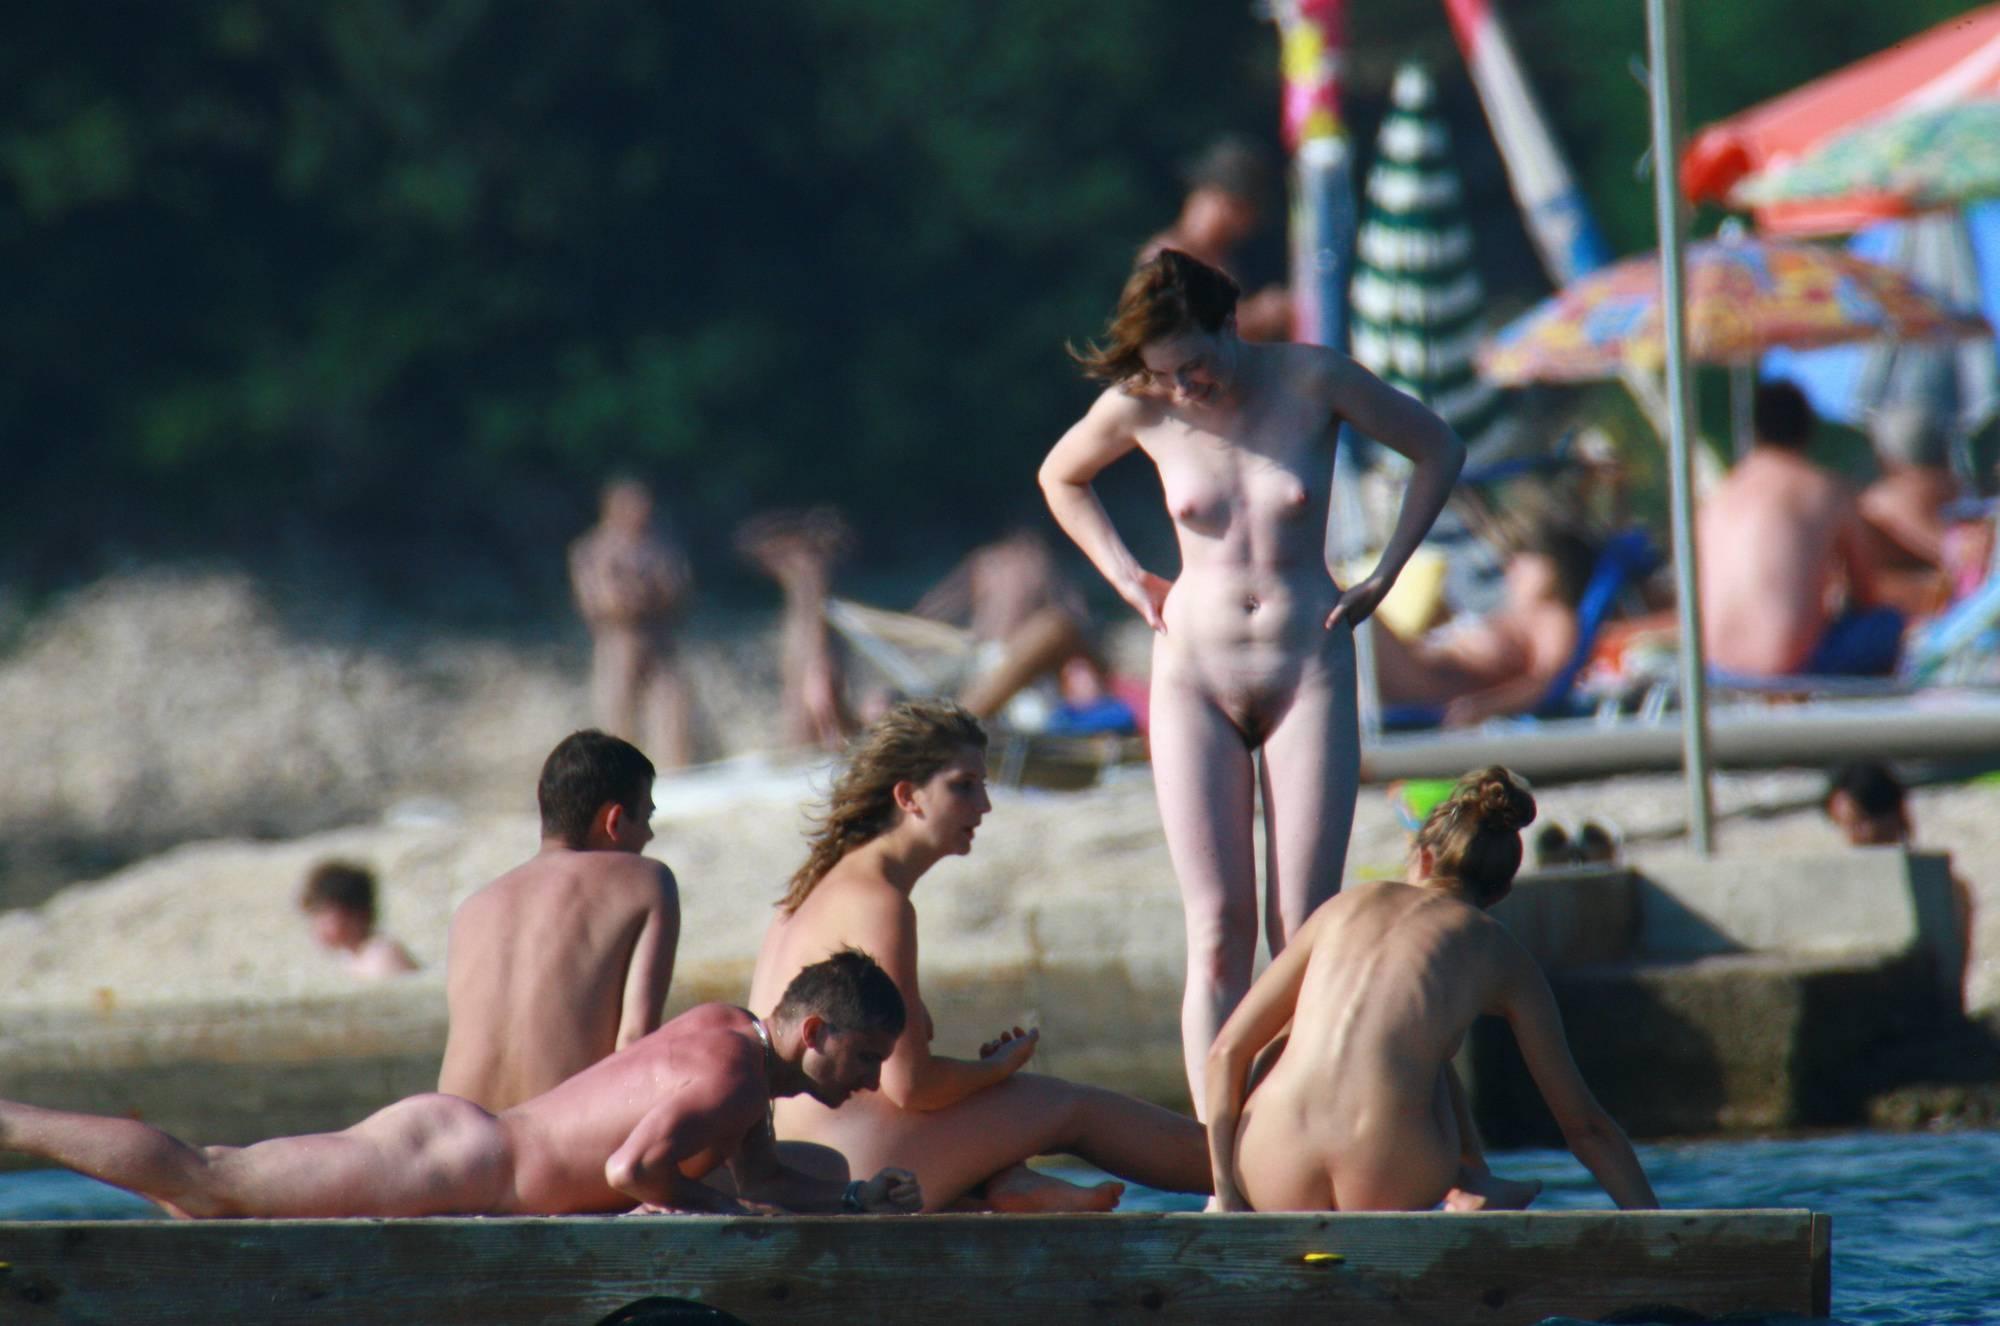 Nudist Pics Nudist Slab Group Tanning - 1